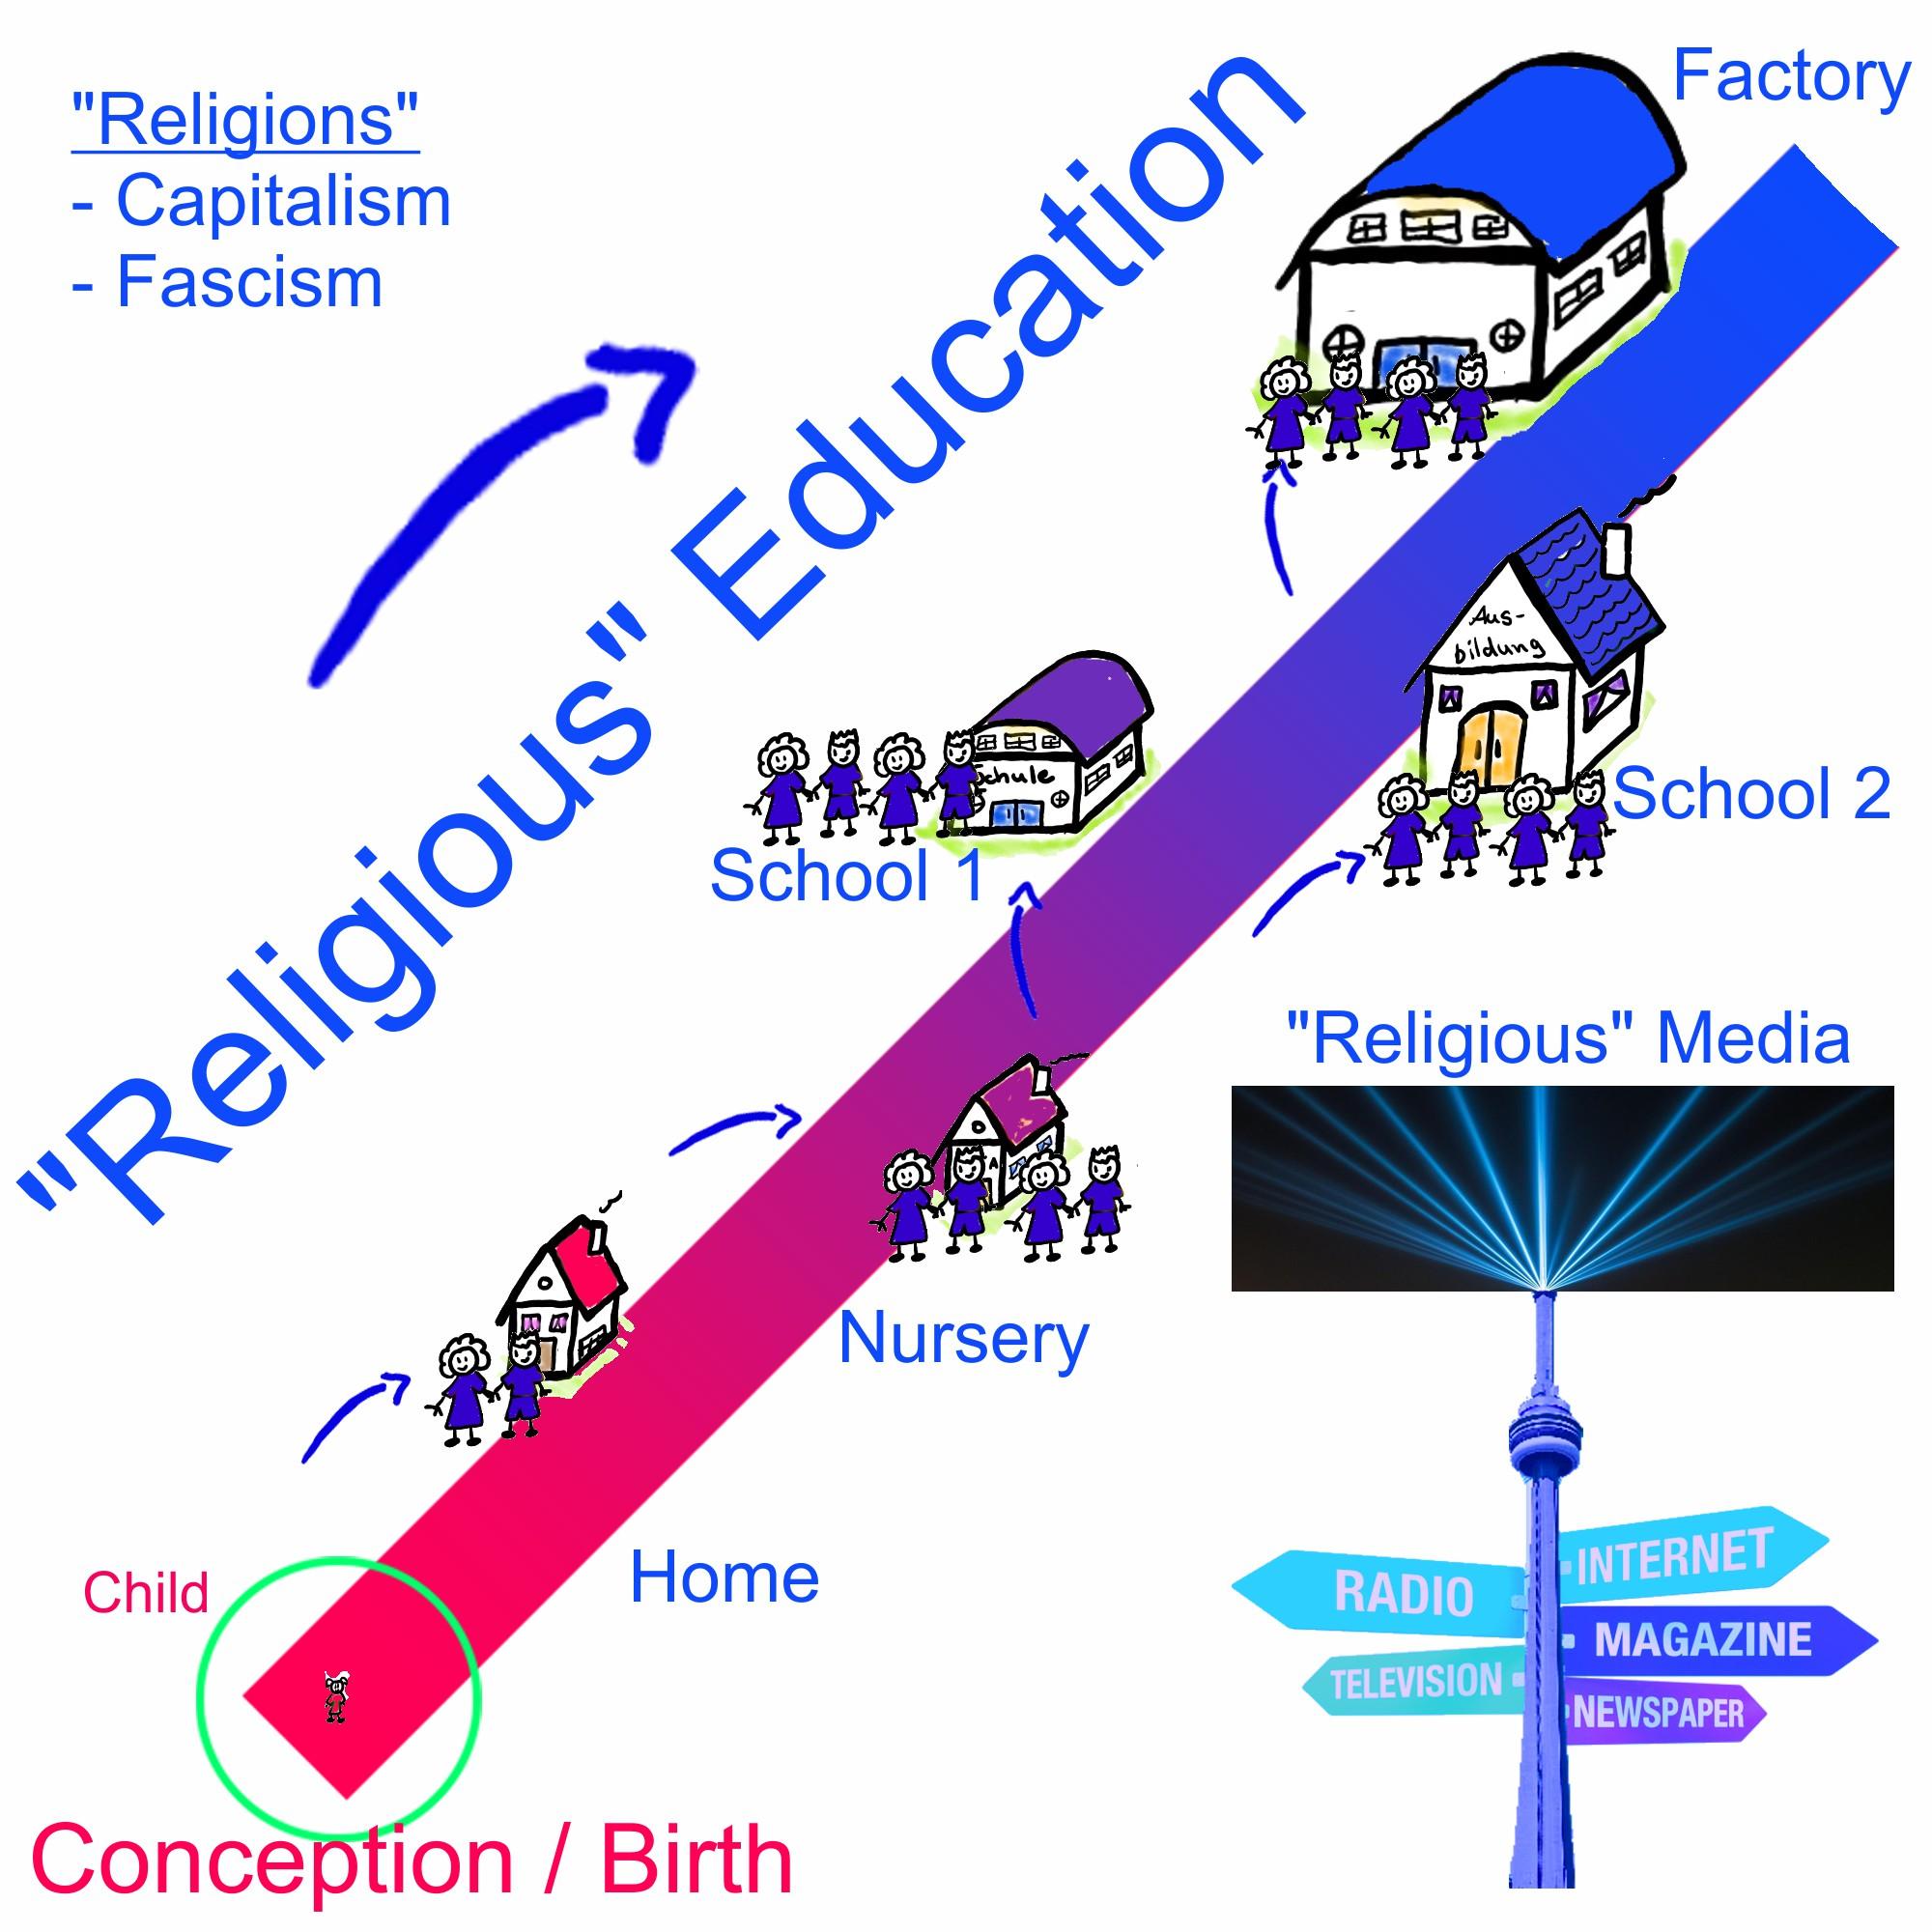 Religiöse Erziehung rechts